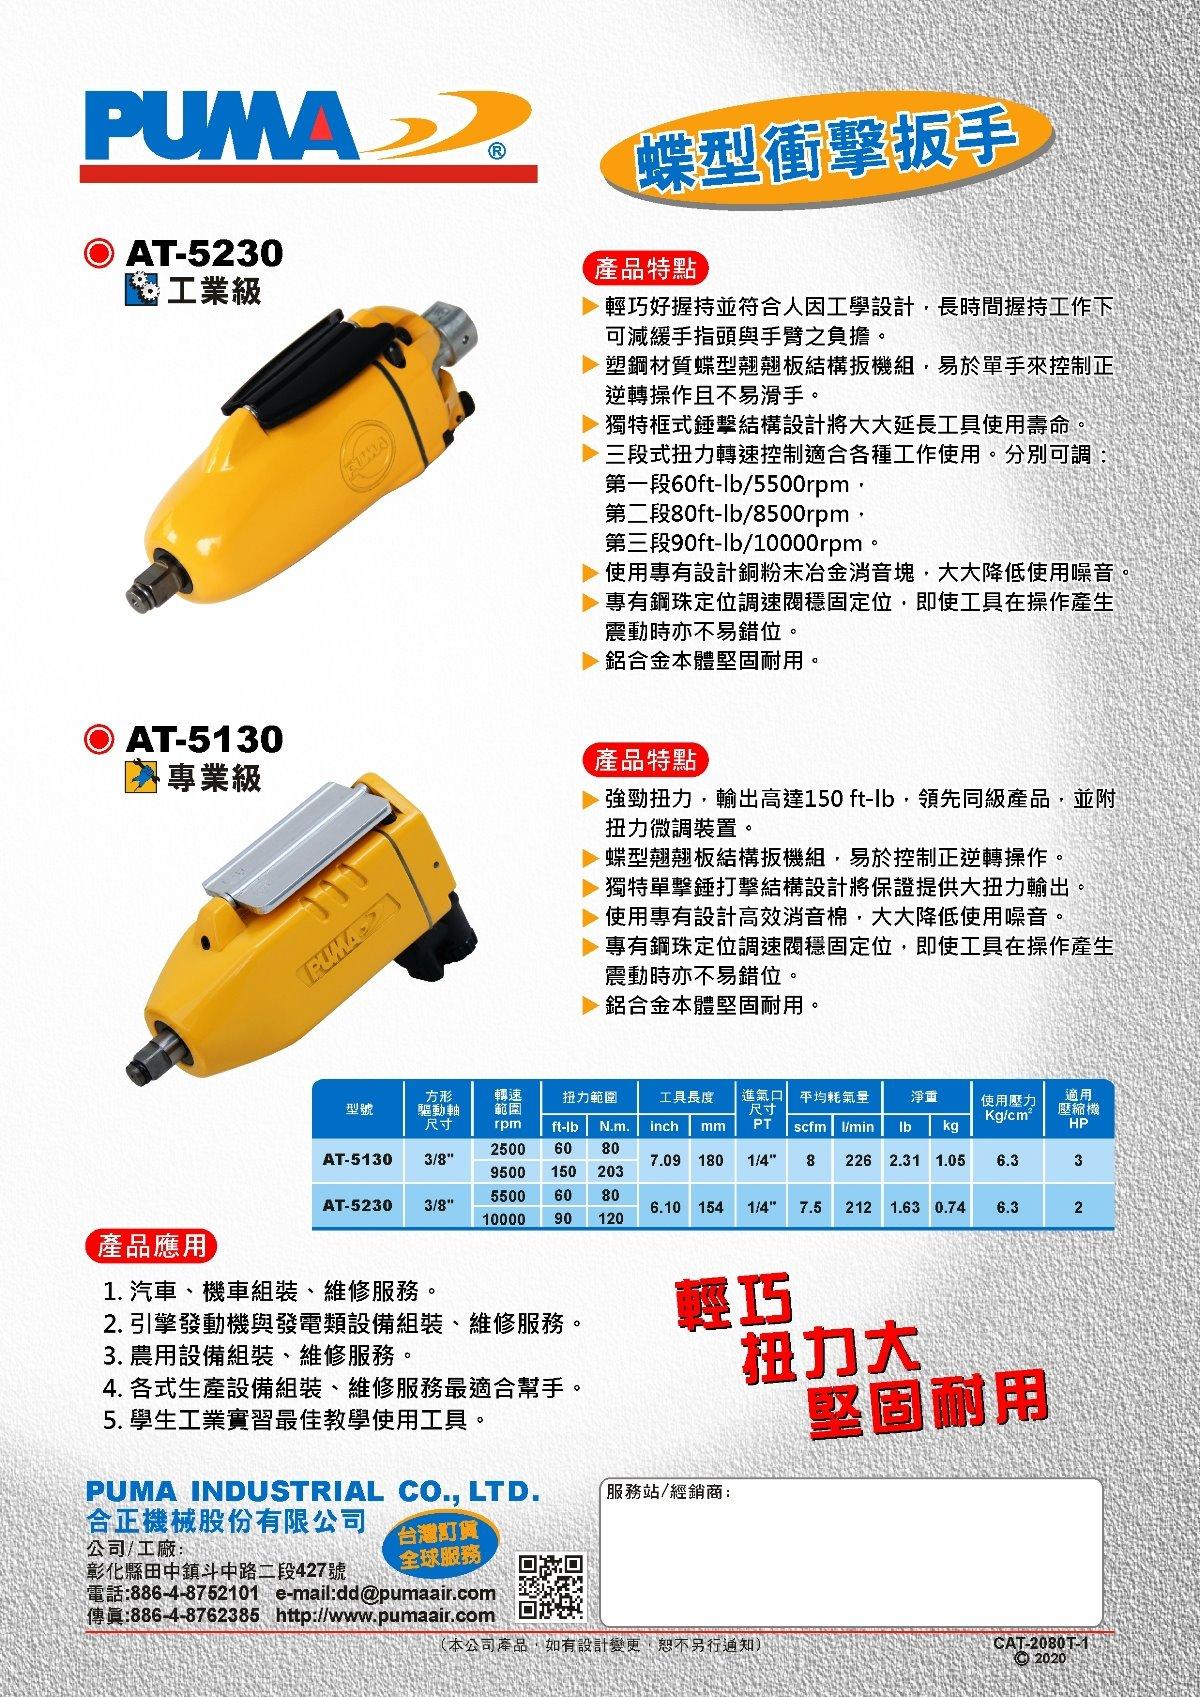 PUMA AT-5230 & AT-5130 蝶型衝擊扳手